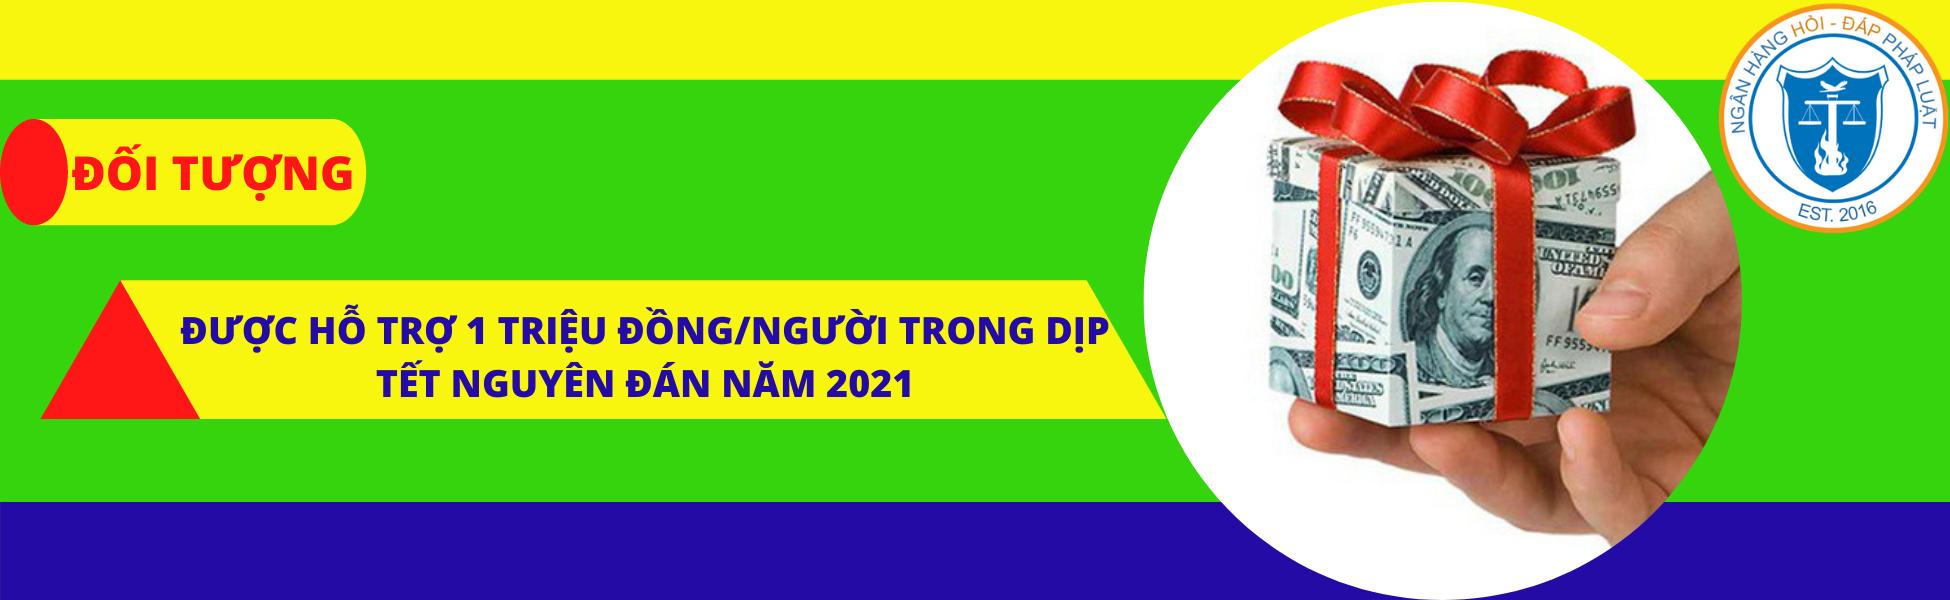 Đối tượng được hỗ trợ 1 triệu đồng/người trong dịp tết nguyên đán năm 2021